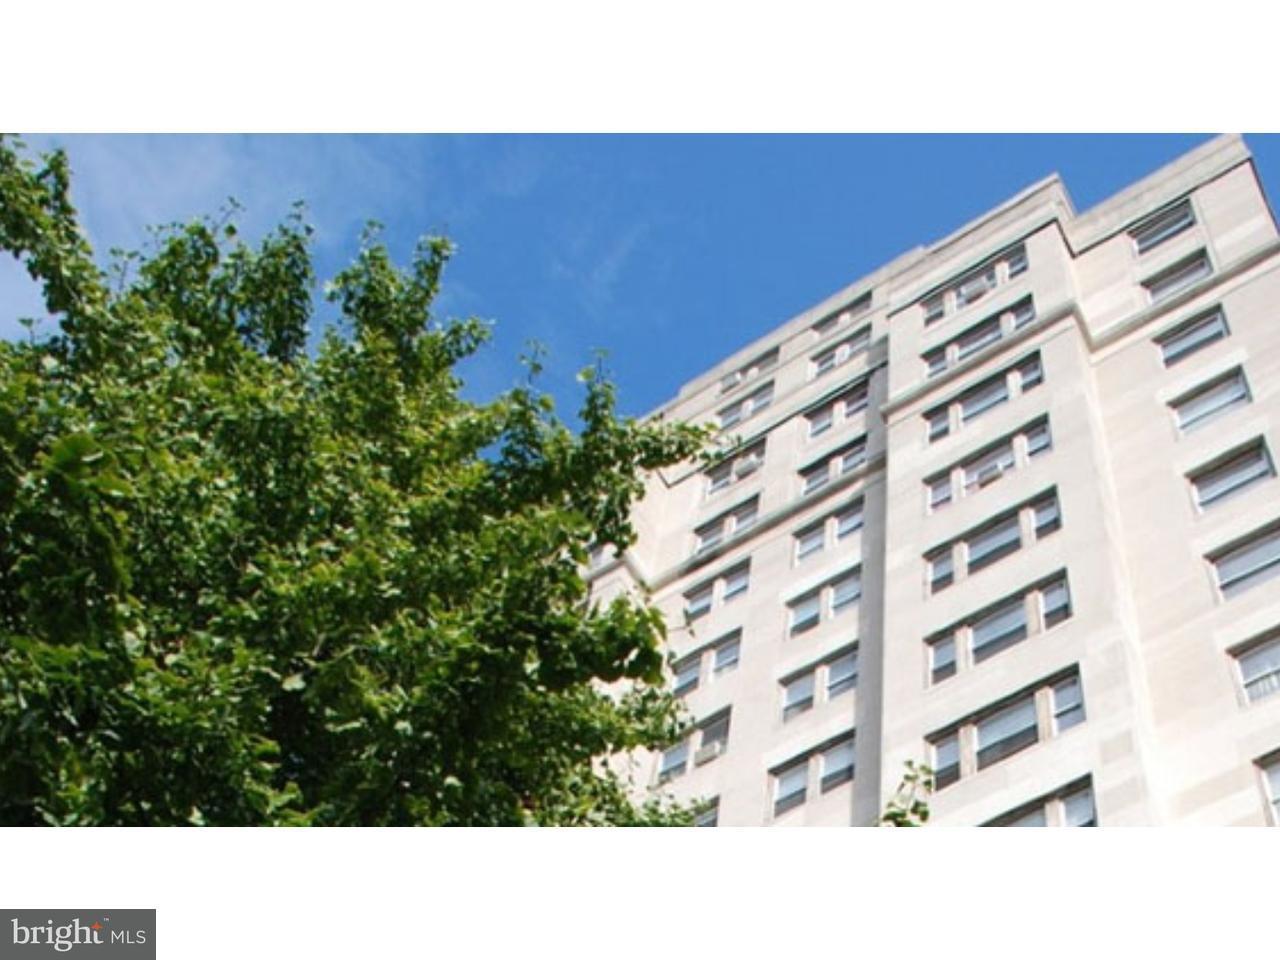 独户住宅 为 出租 在 257 S 16TH ST #12AB 费城, 宾夕法尼亚州 19102 美国